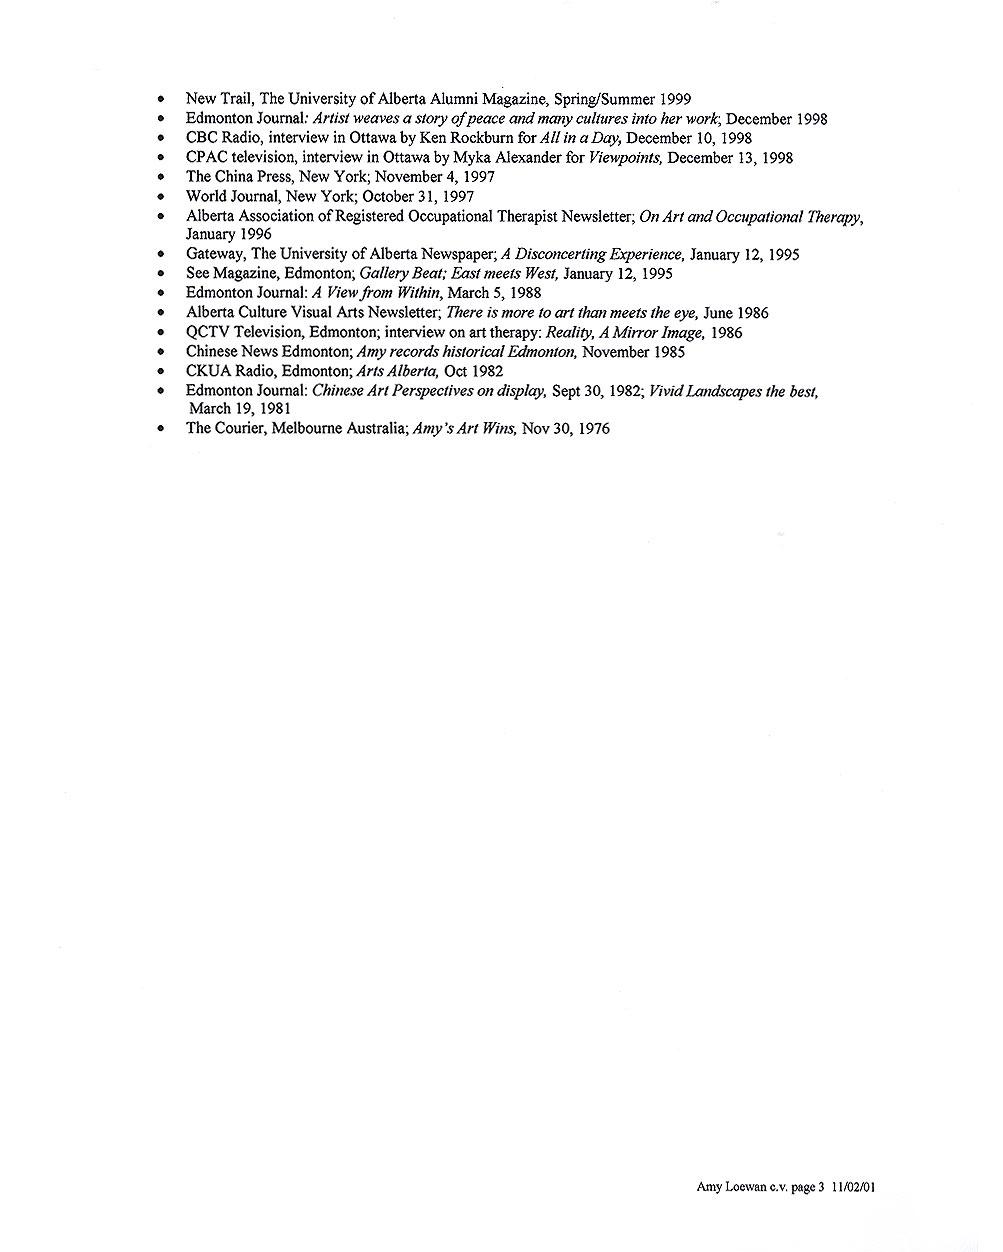 Amy Loewan's Resume, pg 3